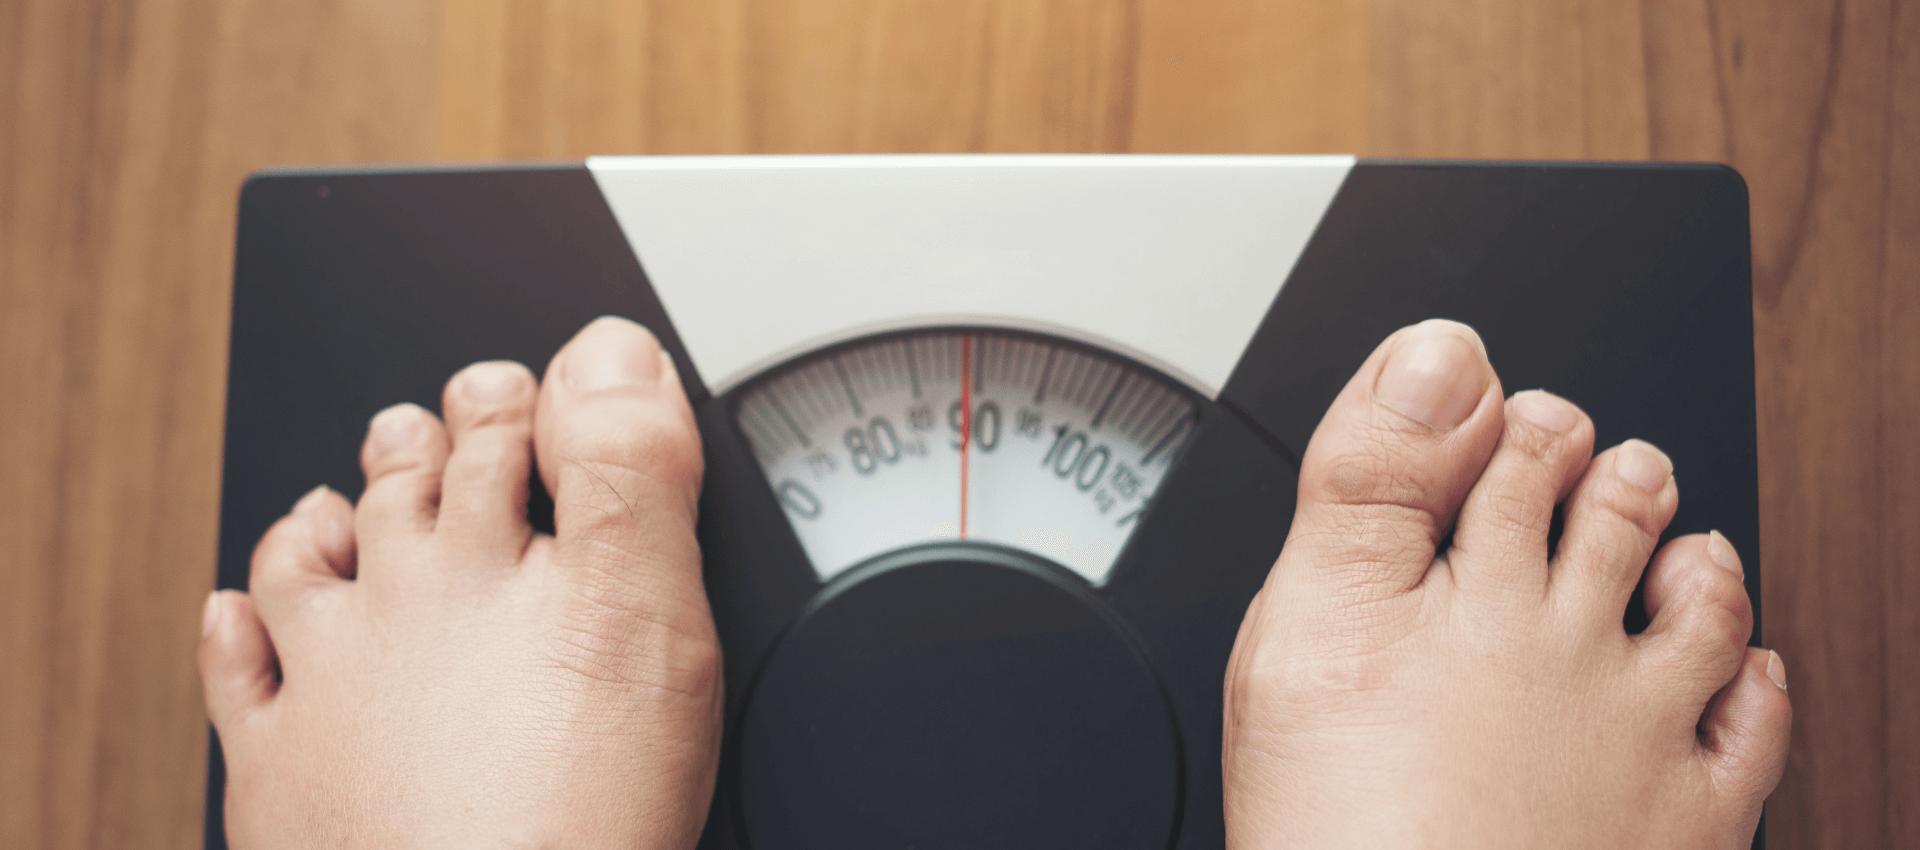 Perché si ingrassa dopo un intervento bariatrico? Le cause